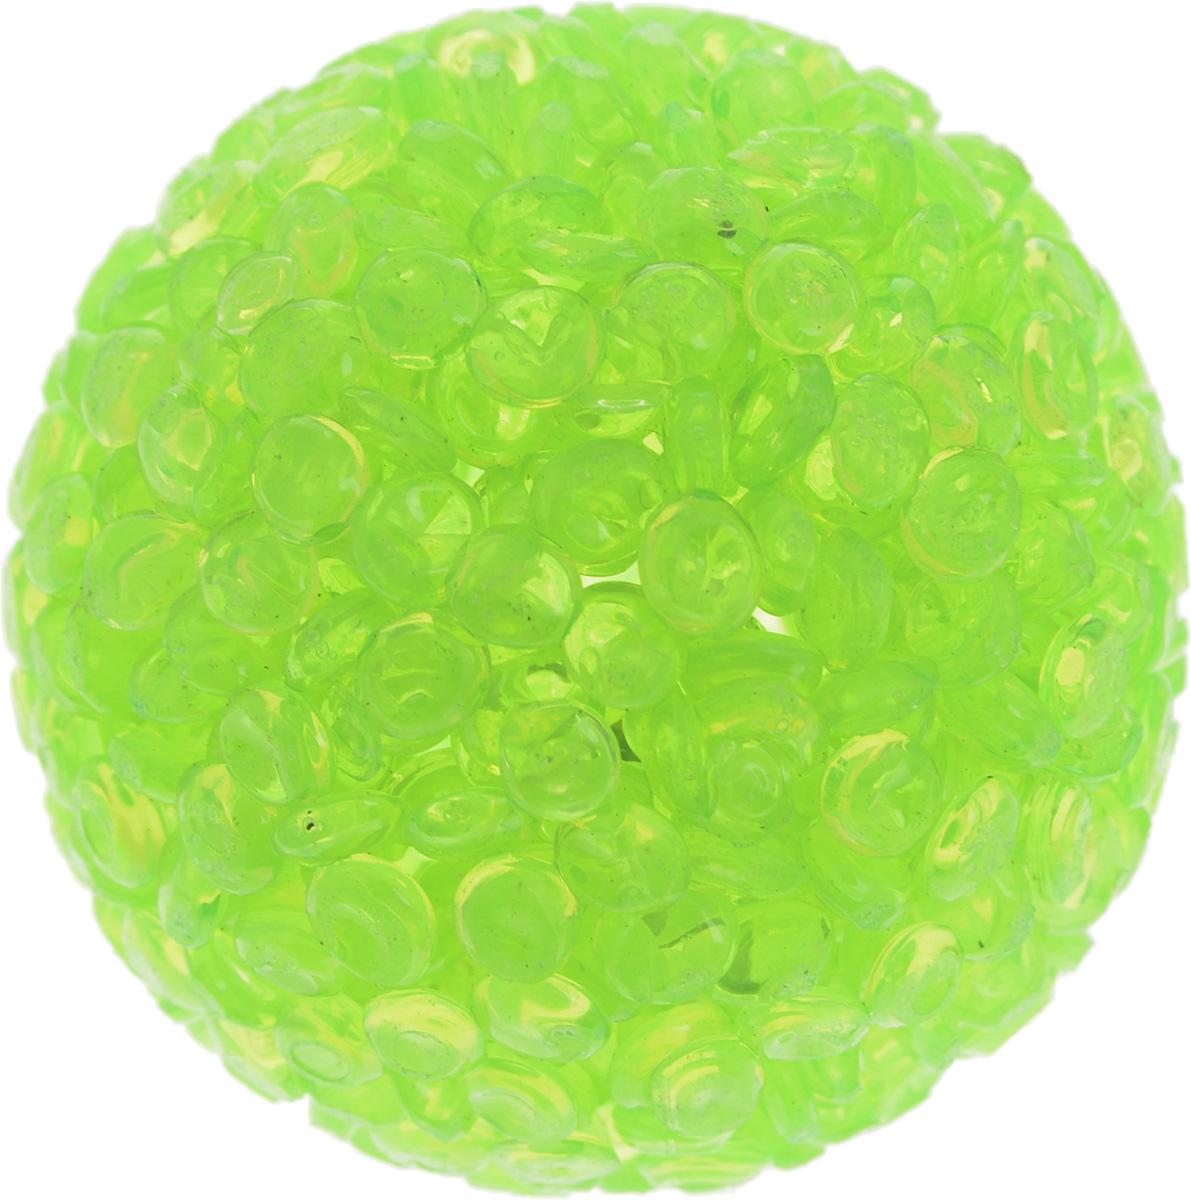 Игрушка для животных Каскад Мячик блестящий, цвет: салатовый, диаметр 4 см27799311Игрушка для животных Каскад Мячик блестящий изготовлена из высококачественной синтетики. Внутри изделия имеется небольшой бубенчик, который привлечет внимание питомца. Такая игрушка порадует вашего любимца, а вам доставит массу приятных эмоций, ведь наблюдать за игрой всегда интересно и приятно.Диаметр игрушки: 4 см.